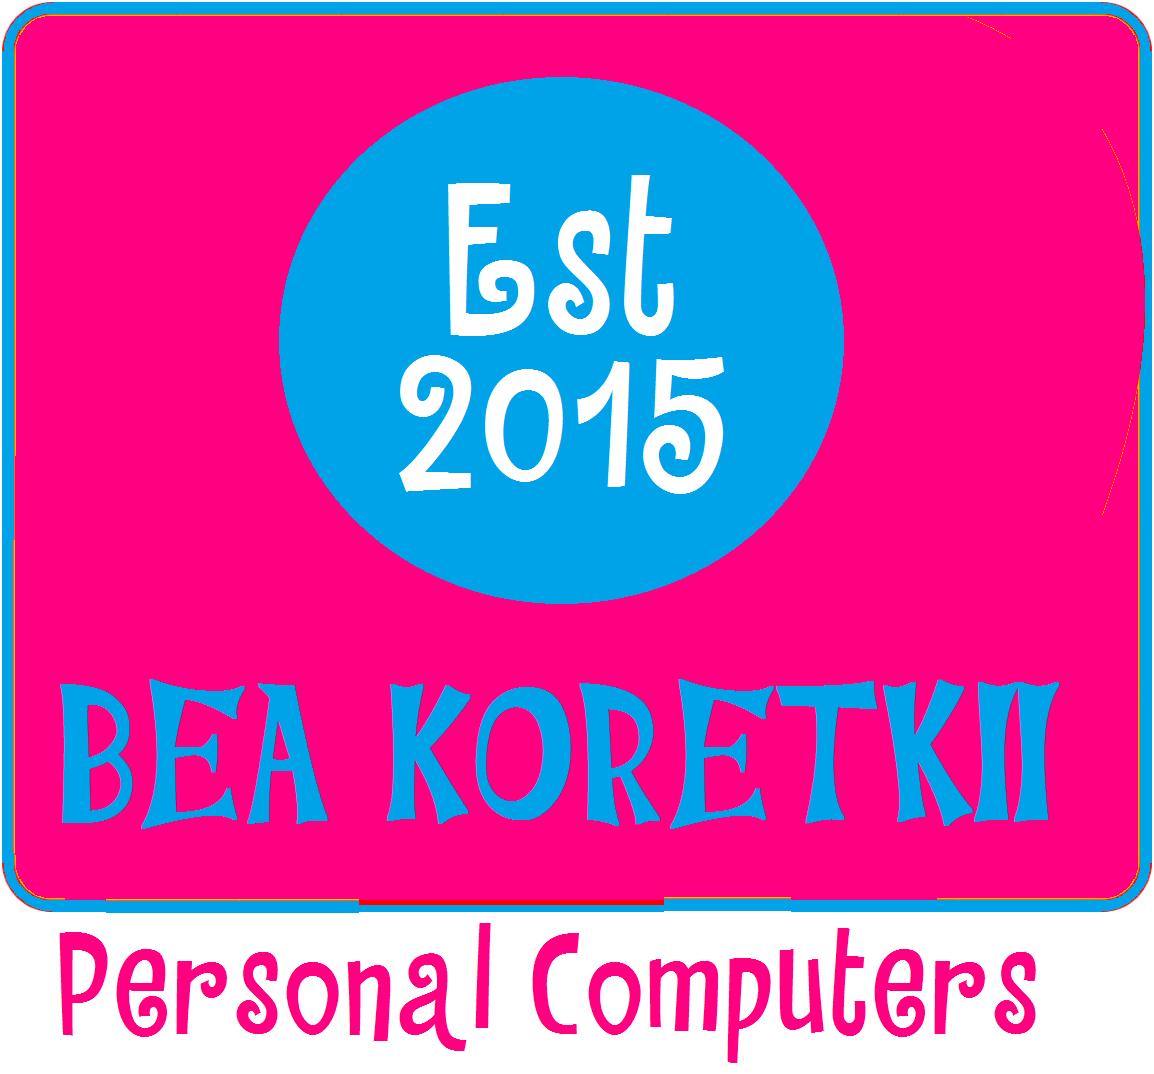 Bea Koretkii Personal Computers